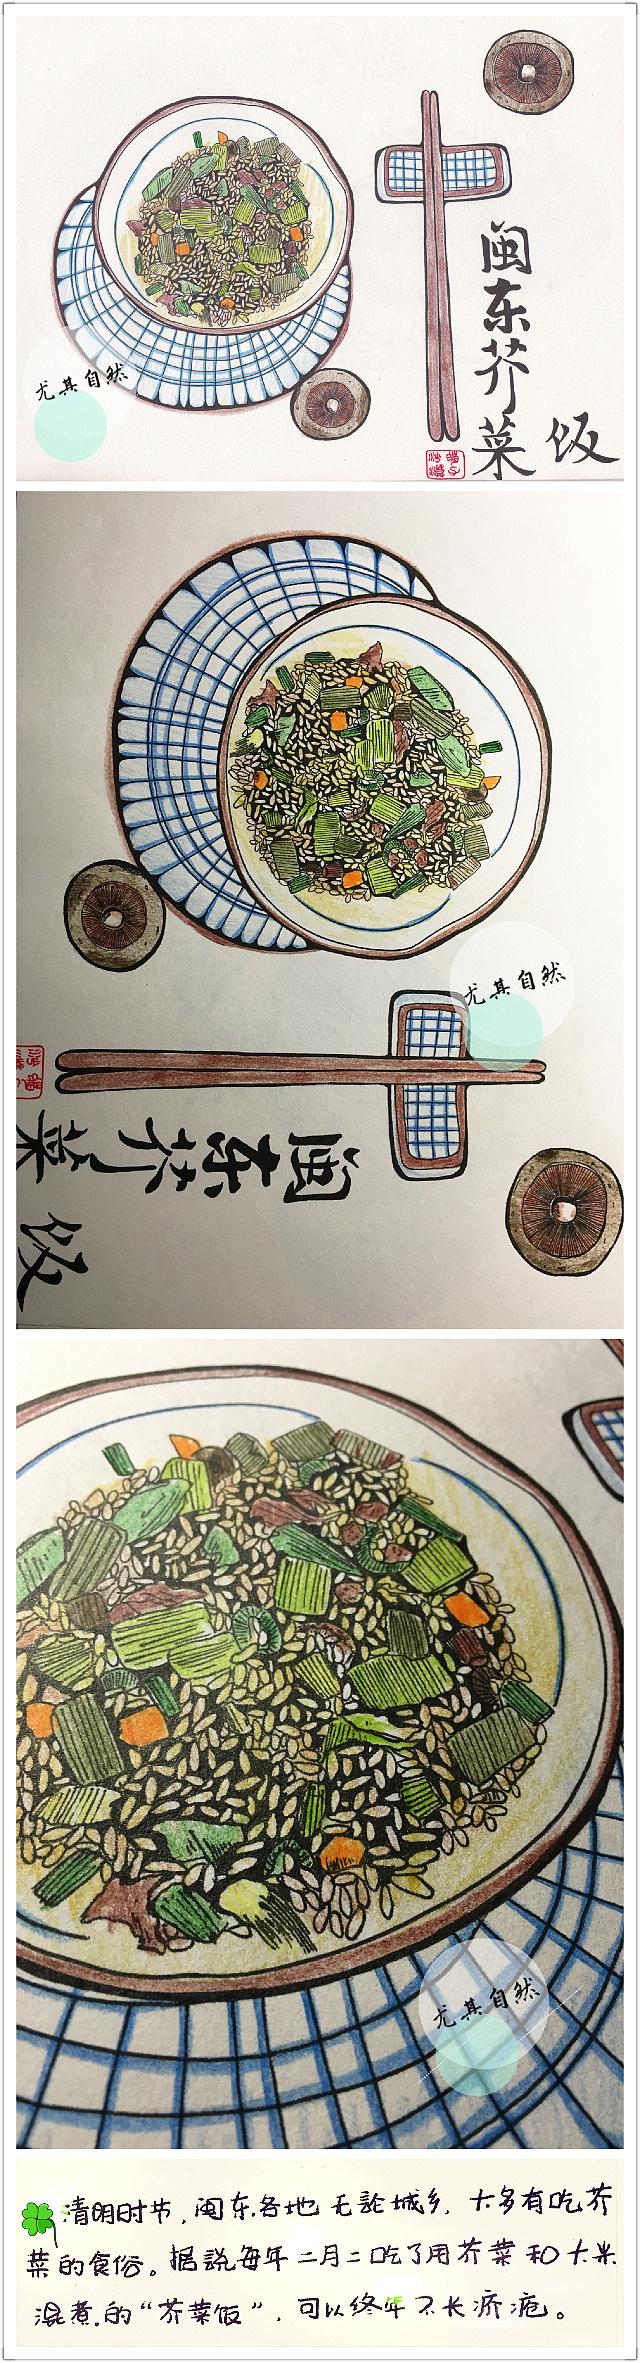 食俗福建·手绘福建各地清明小吃美食